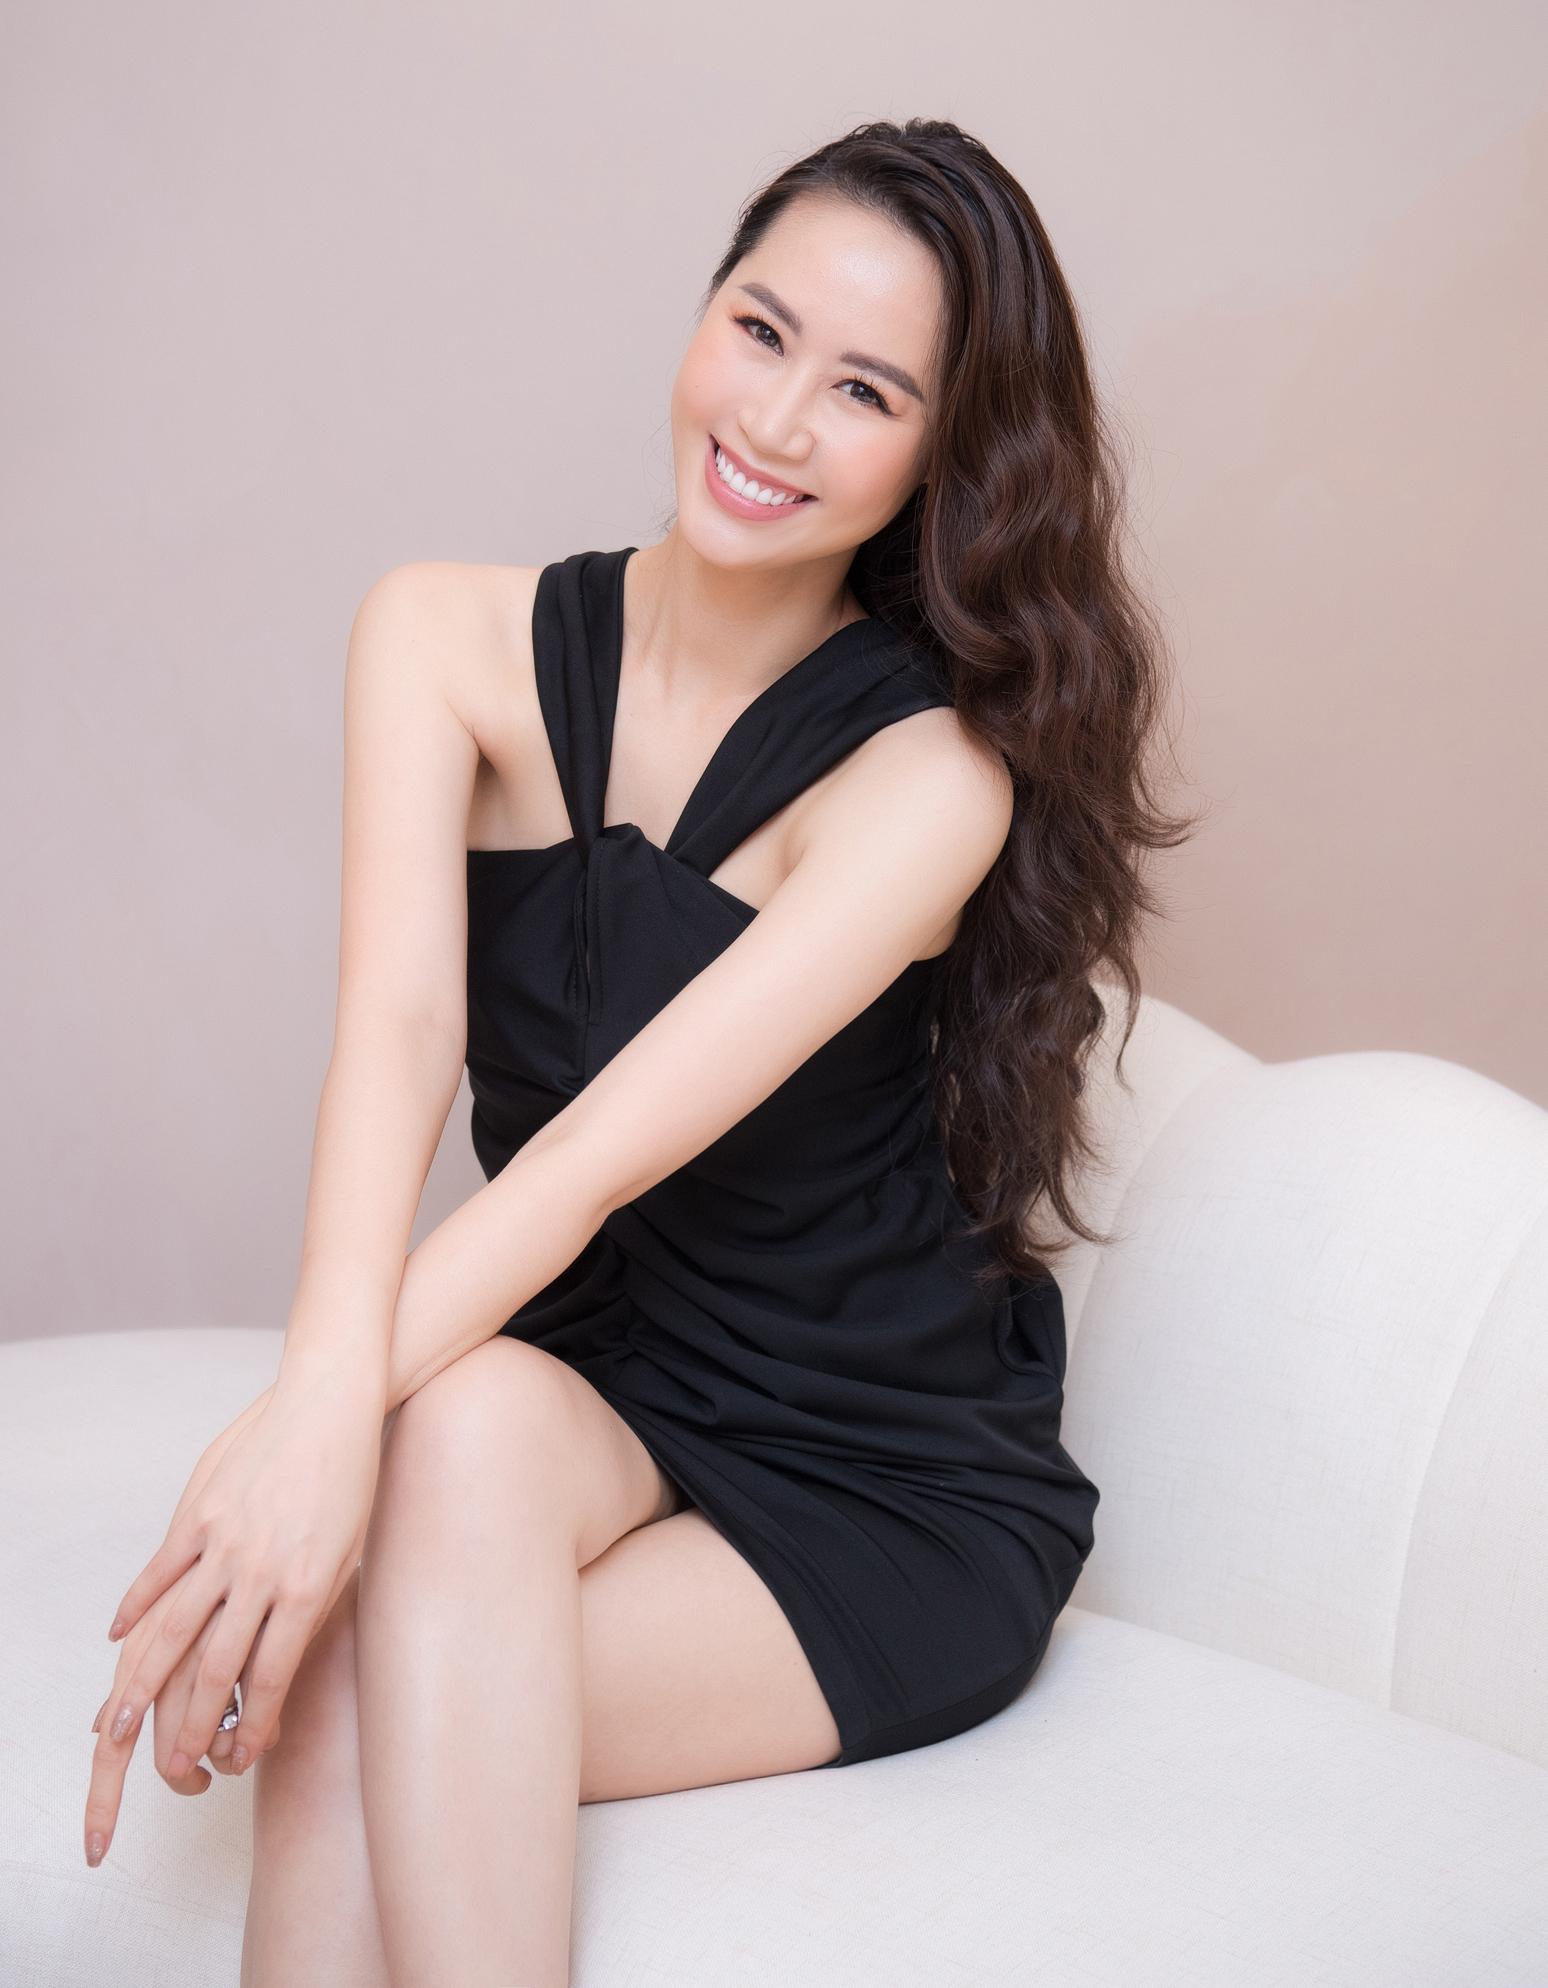 Bận rộn với công việc kinh doanh và dẫn chương trình, Hoa hậu Dương Thùy Linh vẫn góp mặt trong event để chúc mừng những người bạn thân thiết.